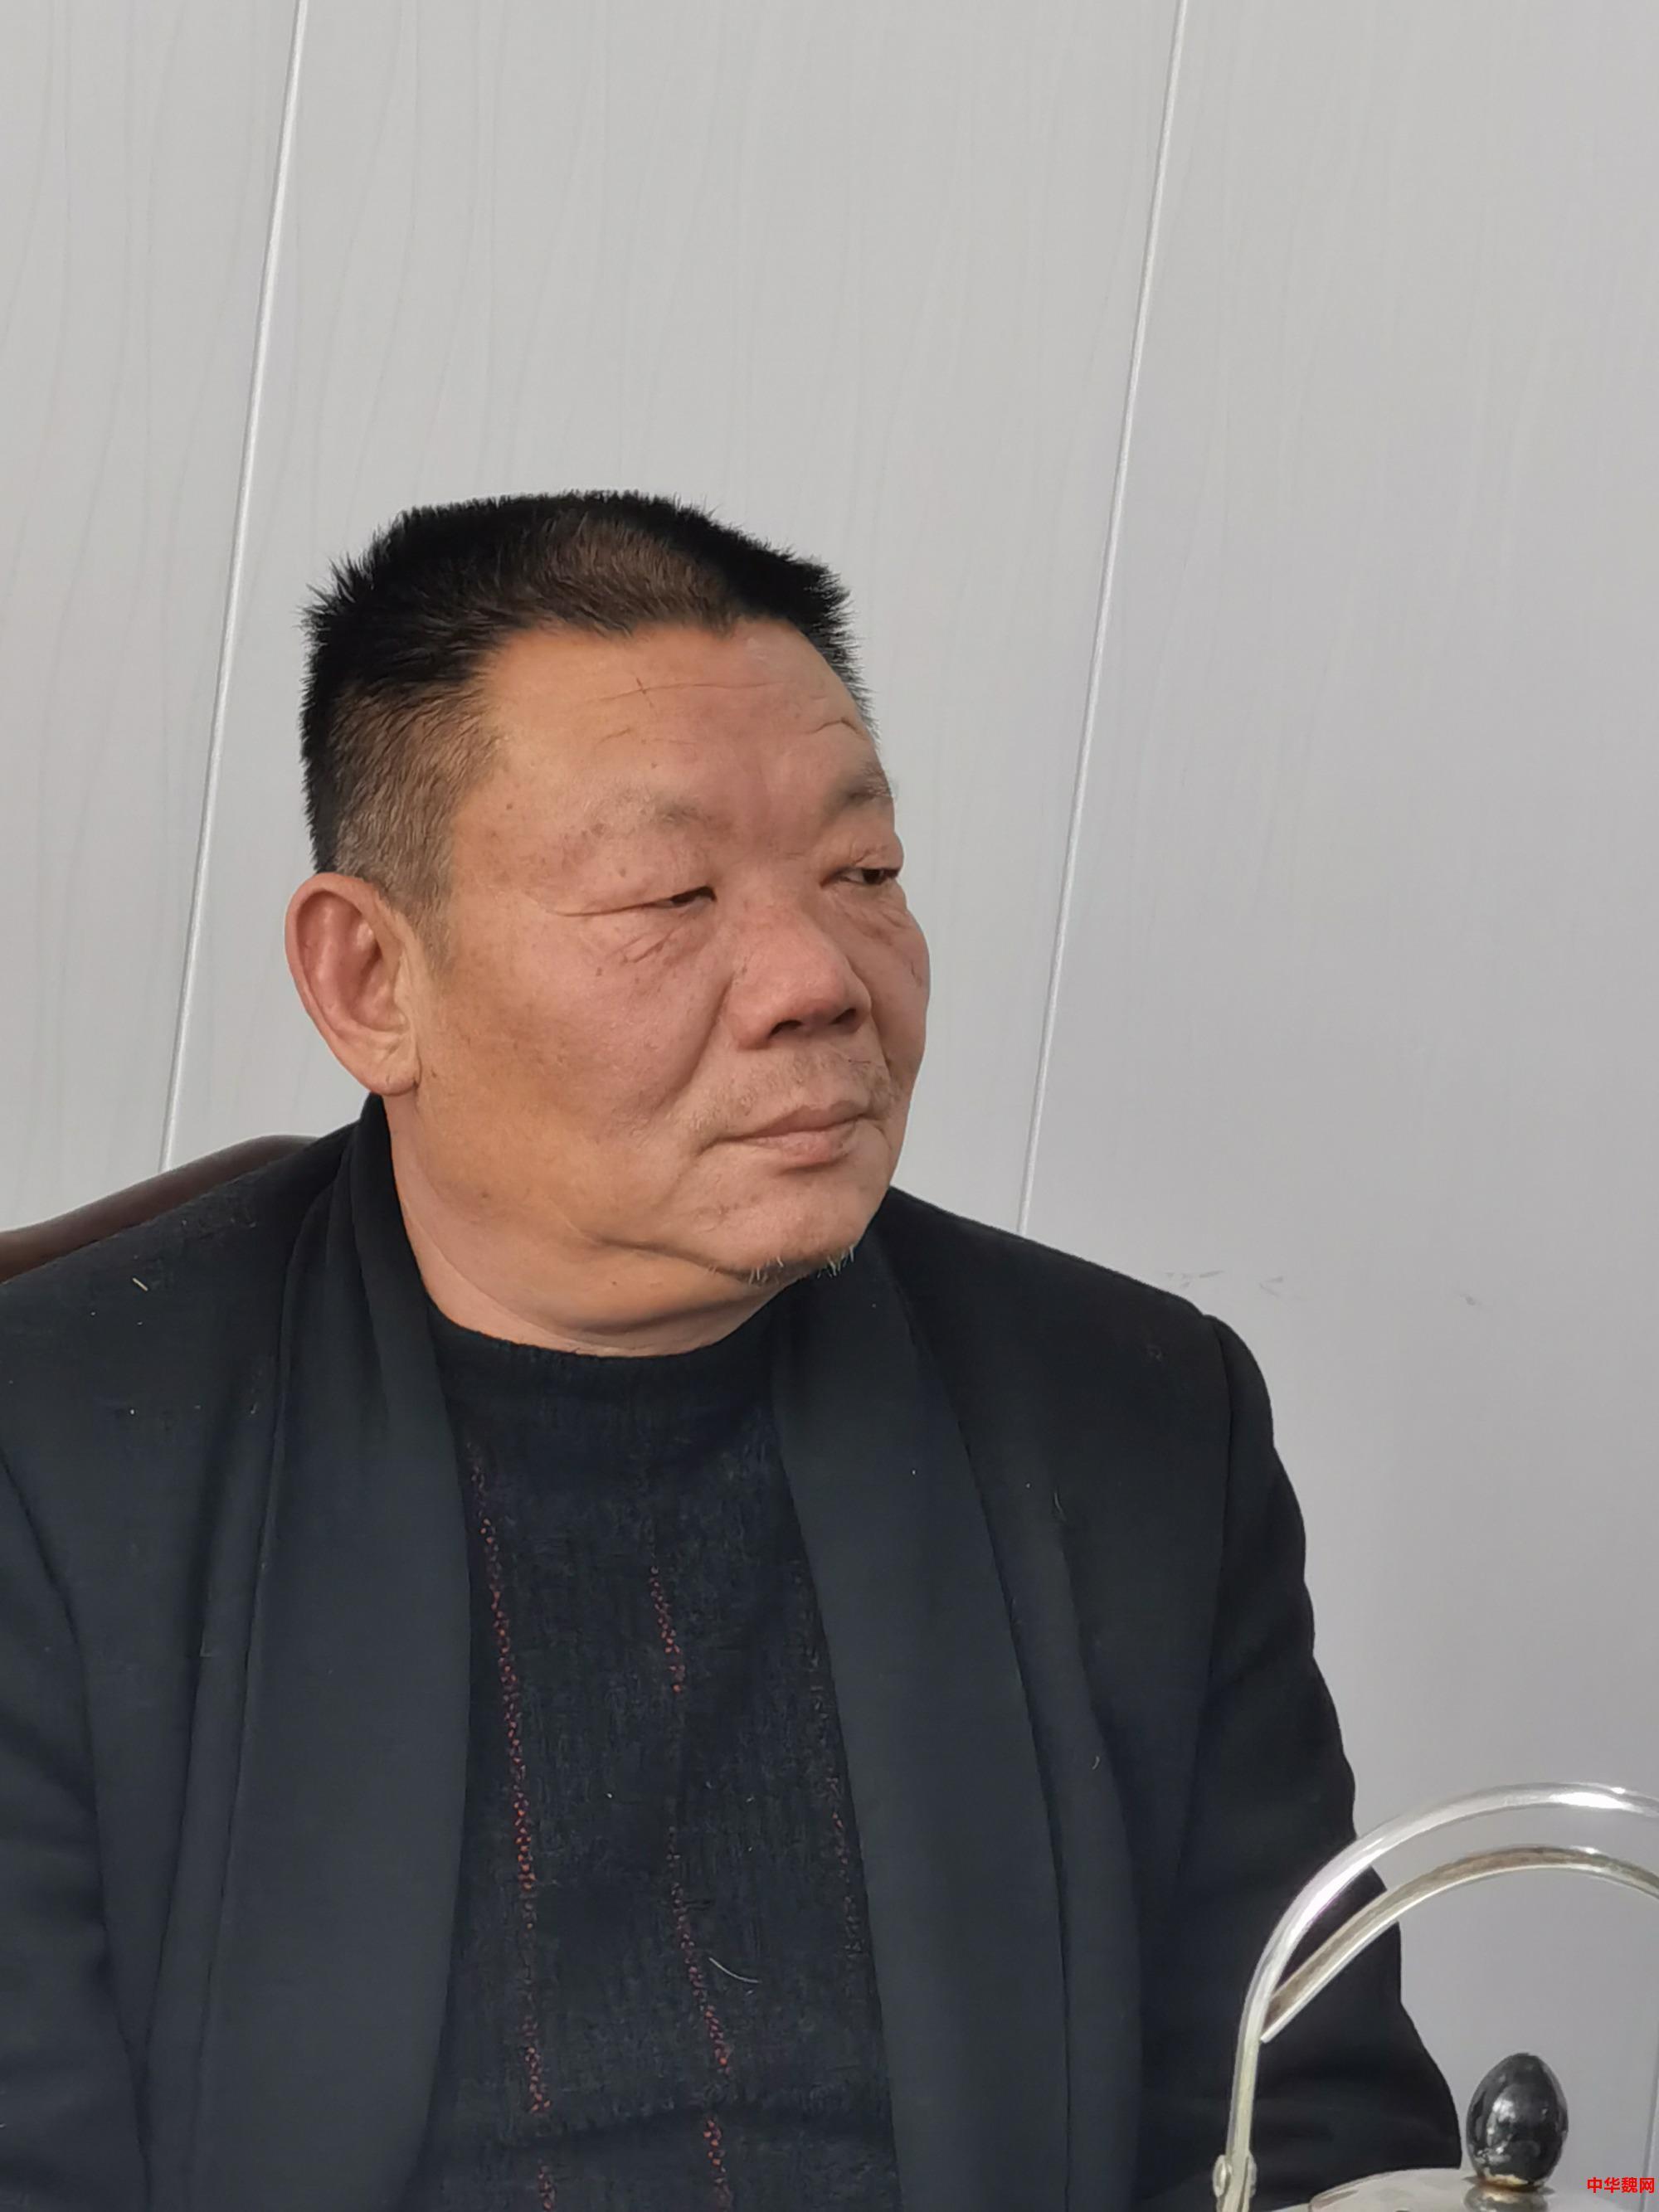 镇平县卢医庙镇大魏营村清明节祭祖纪实